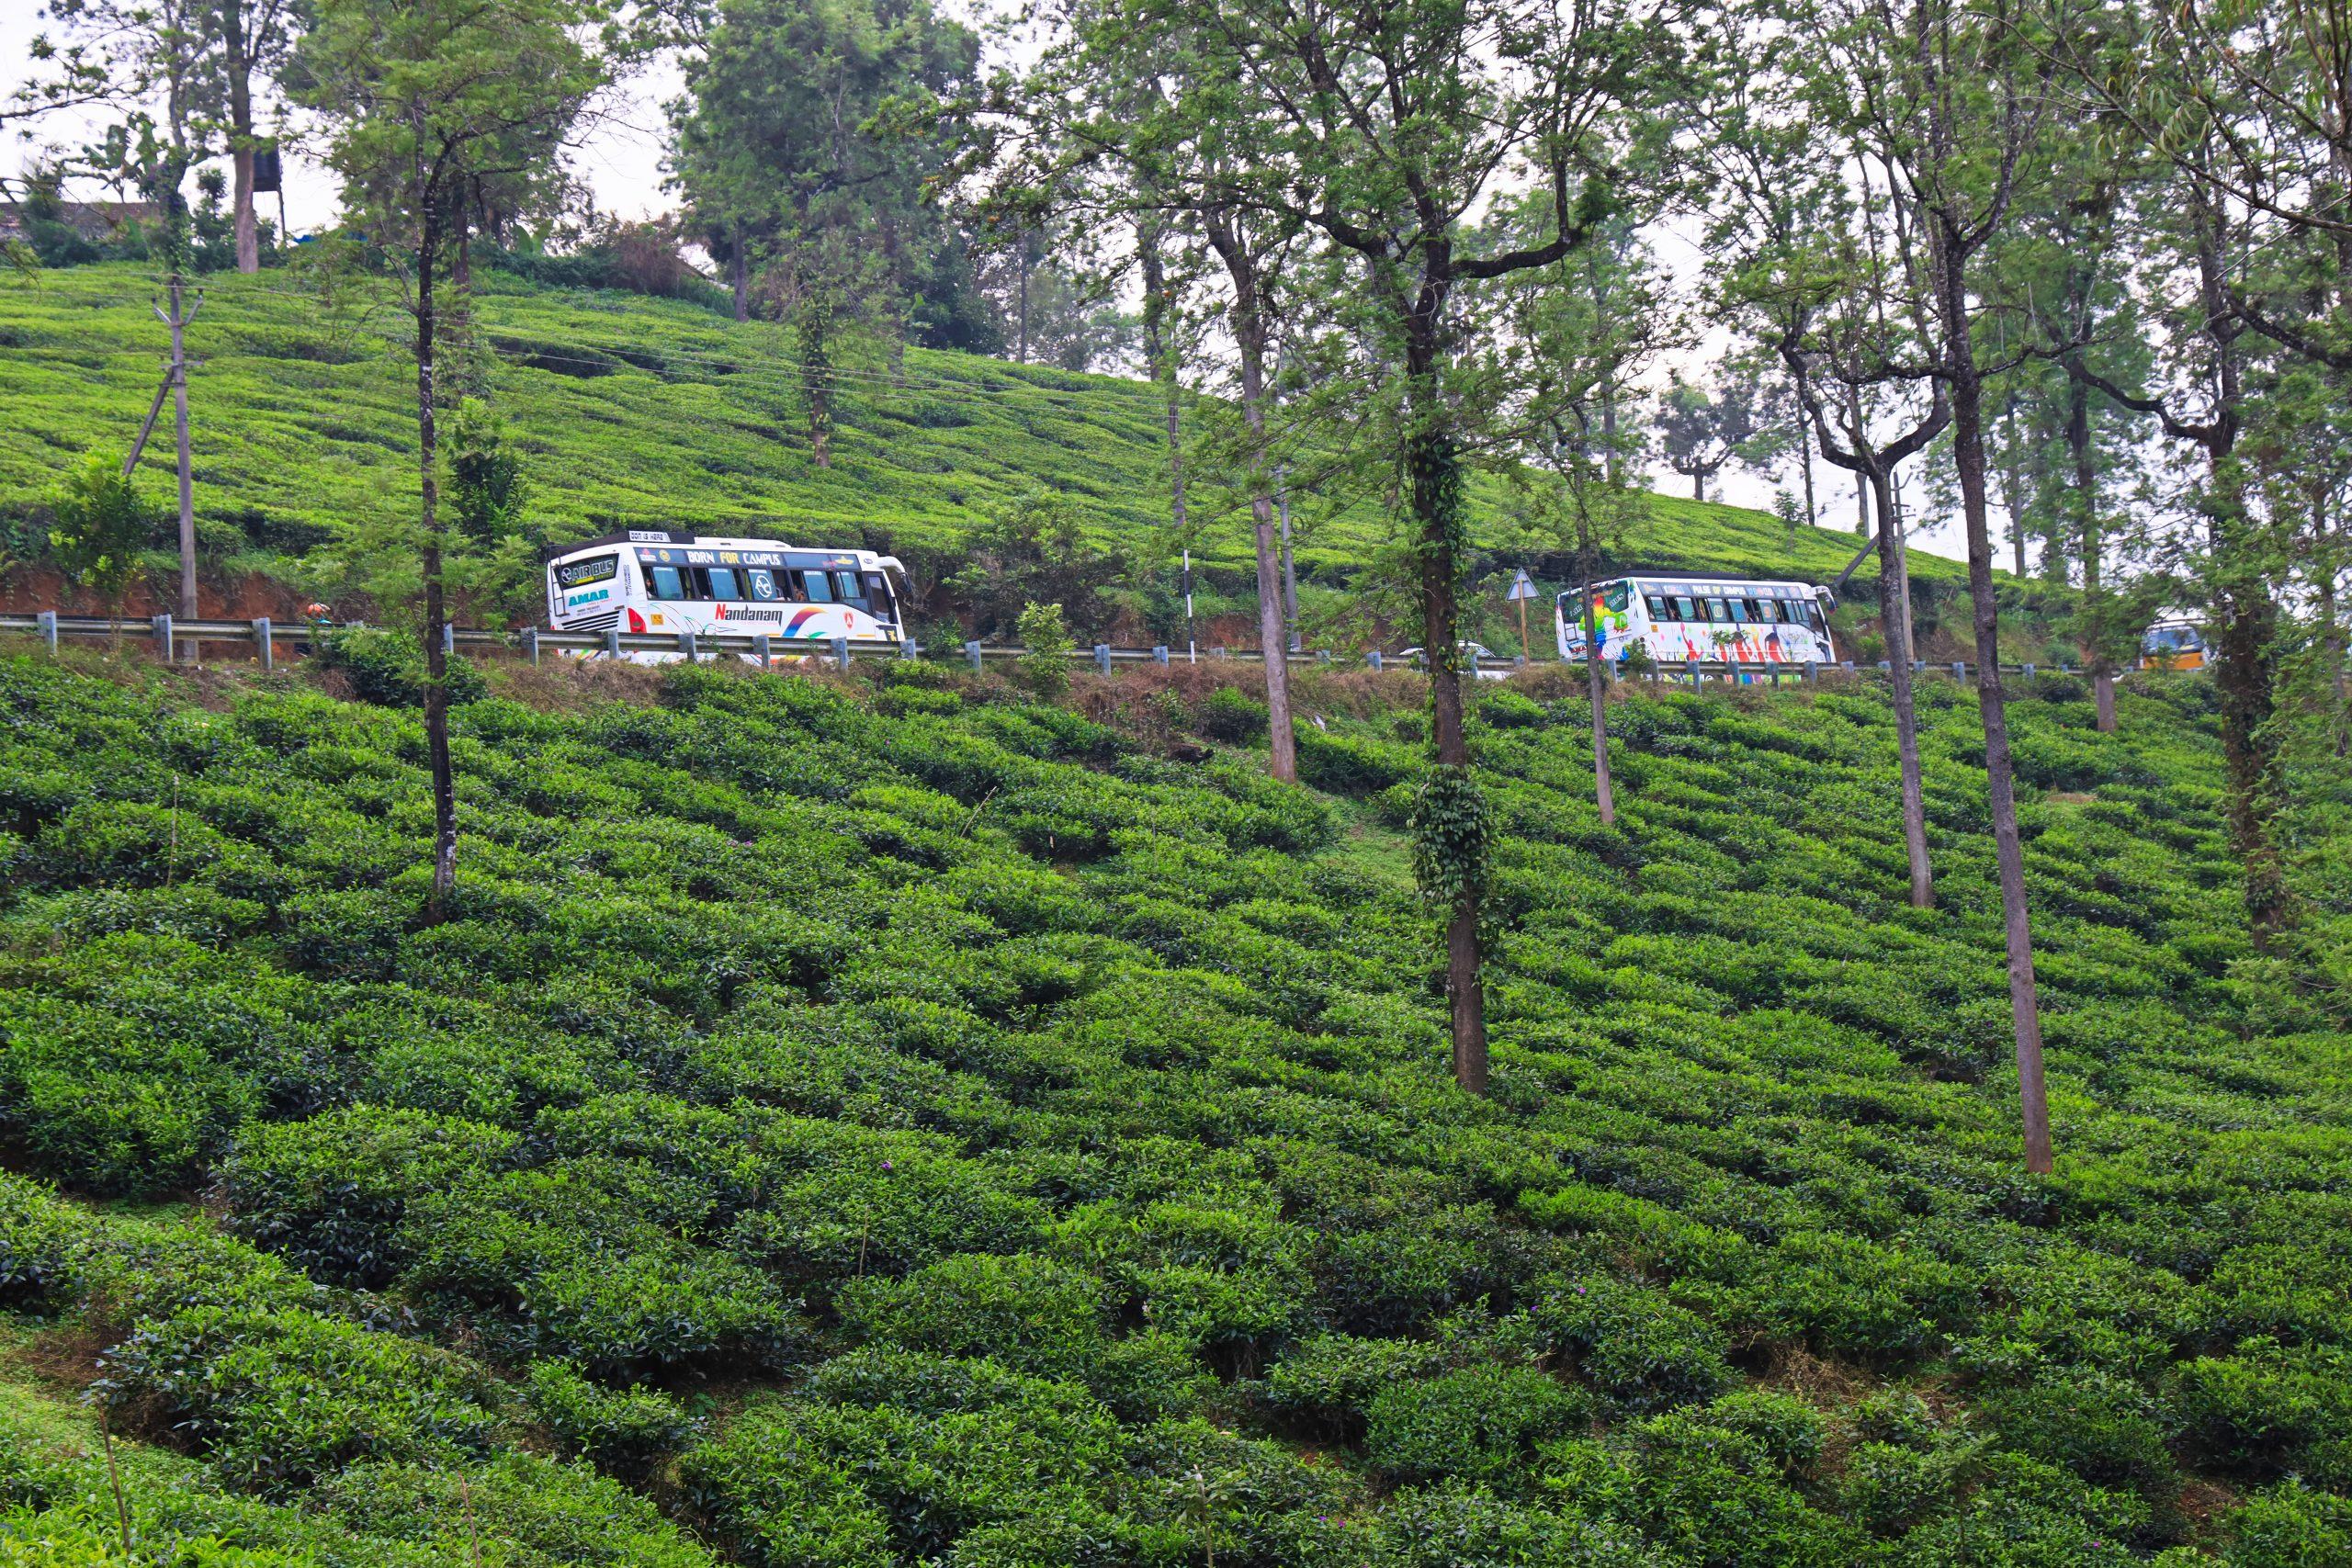 Buses passing through tea garden